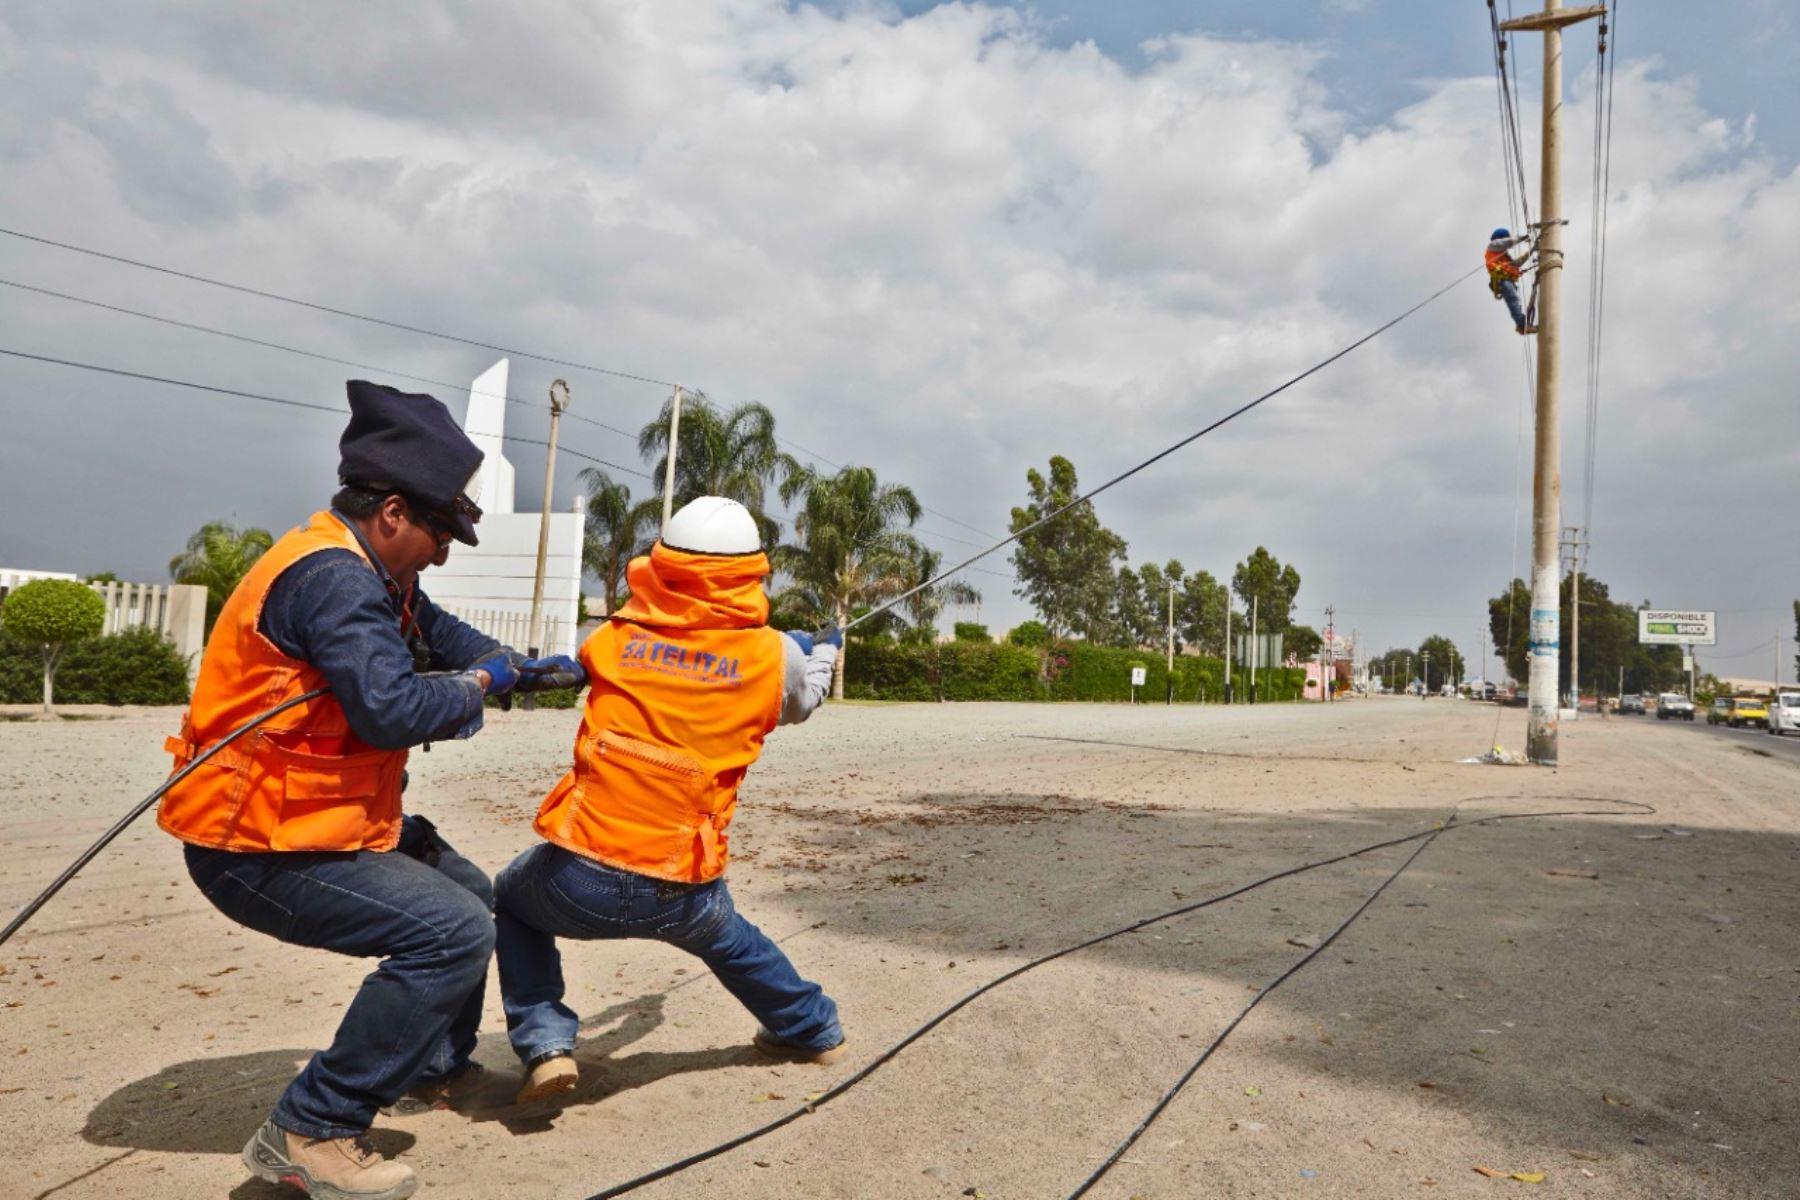 Un total de 1,210 localidades rurales de Cajamarca se beneficiarán con internet de alta velocidad gracias al convenio suscrito por el MTC y el Gobierno Regional de Cajamarca. ANDINA/Difusión